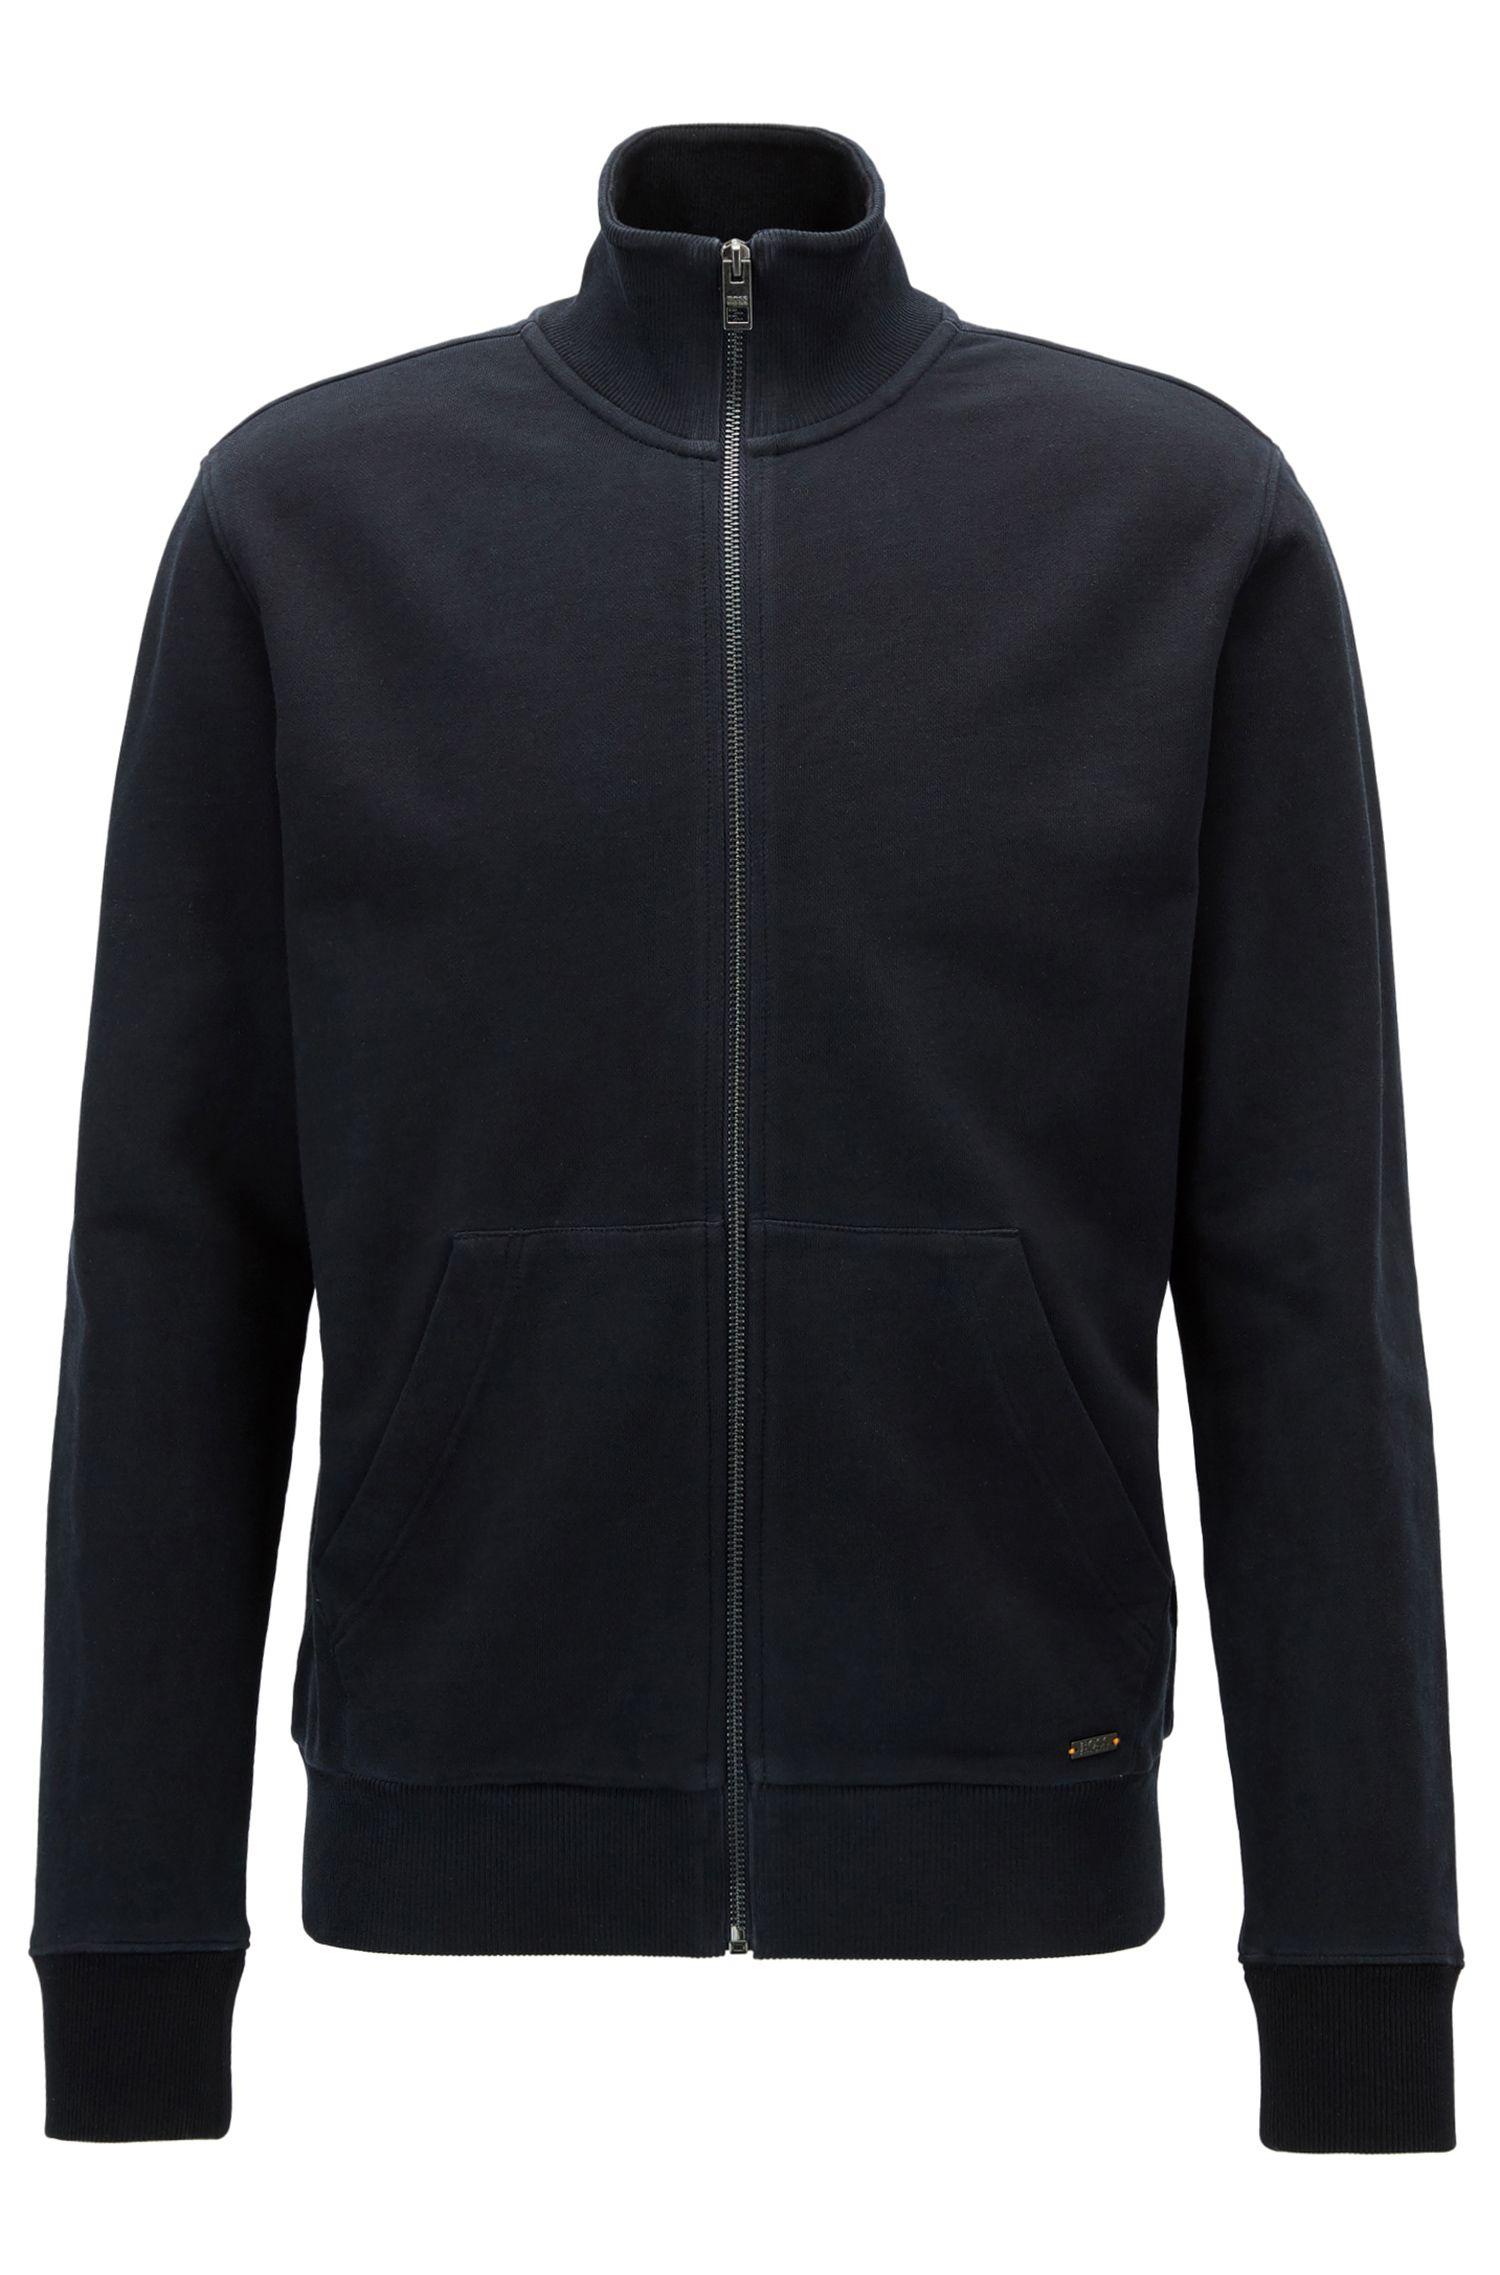 Regular-fit jasje met doorlopende ritssluiting van zuivere katoen